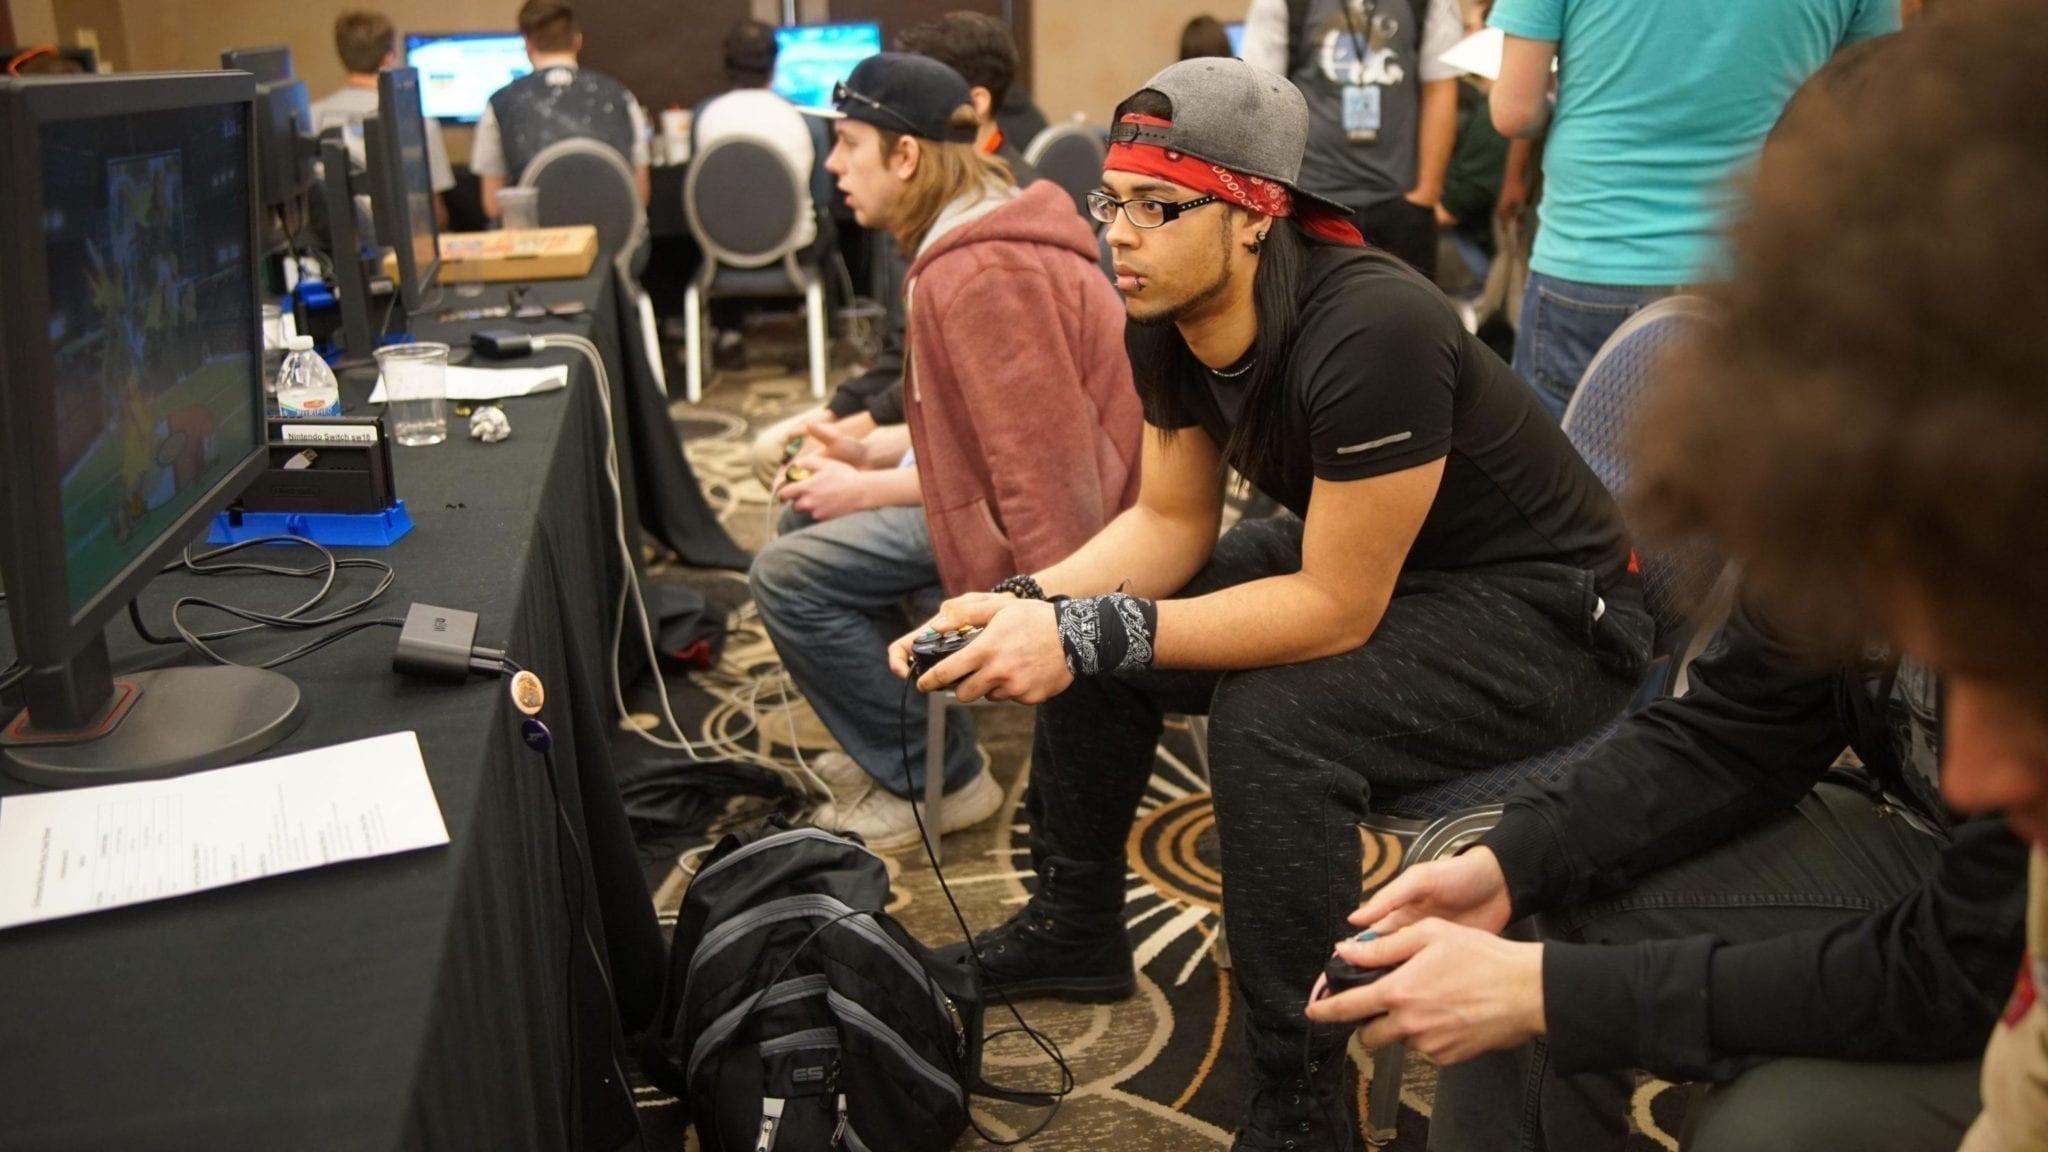 Giocatori che si divertono: quello che si ottiene organizzando un torneo di videogiochi